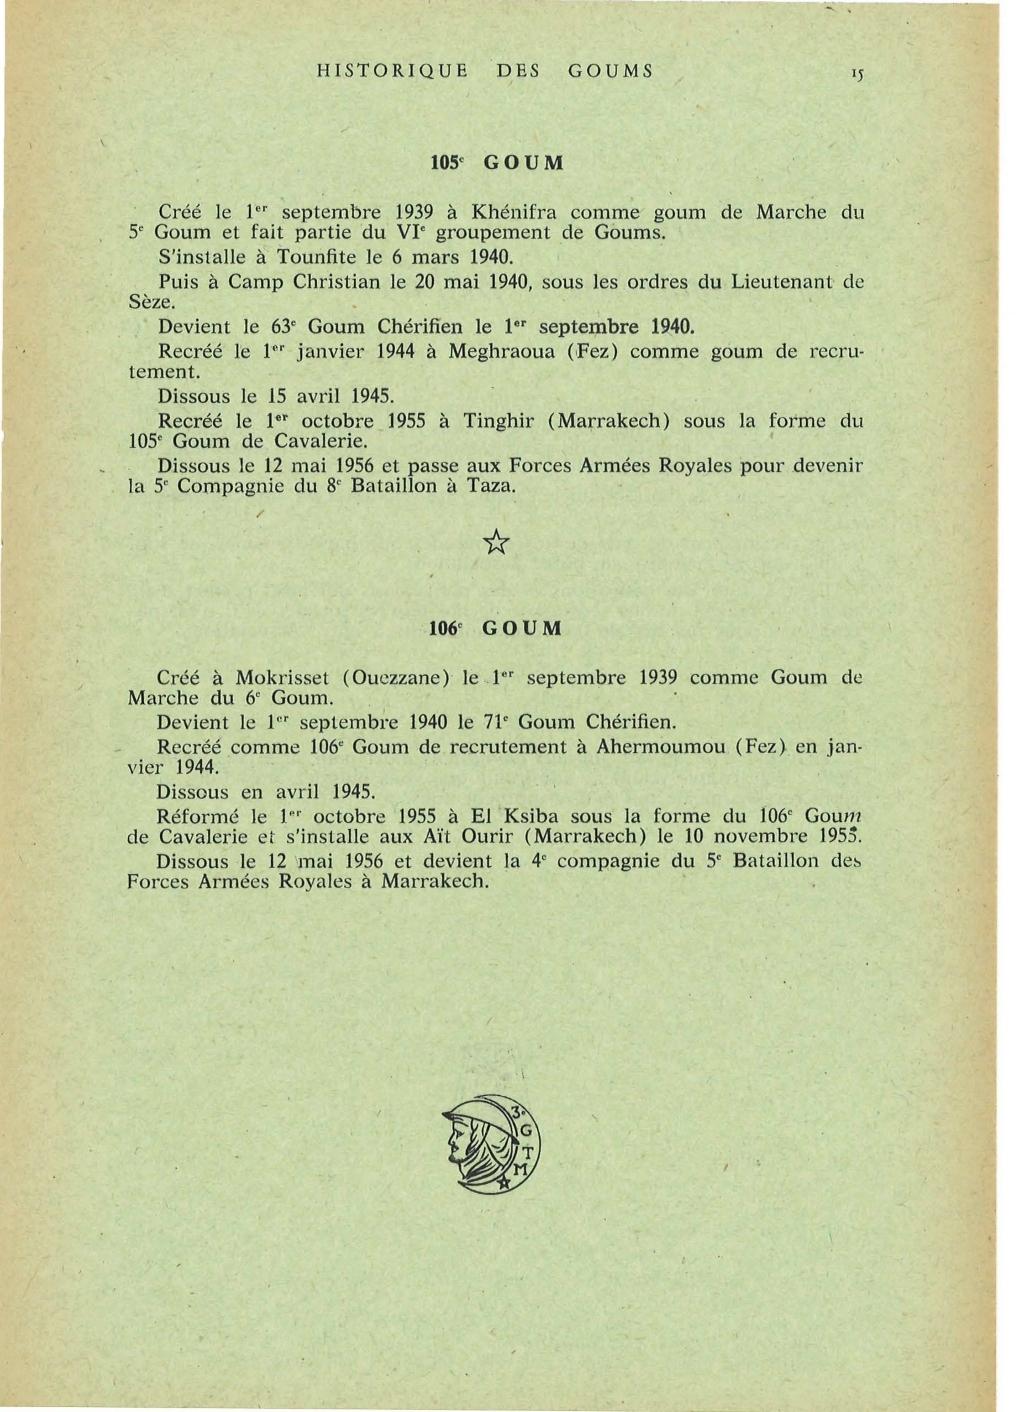 12 mai 1956 - Dissolution des Goumiers & integration aux FAR La_kou52